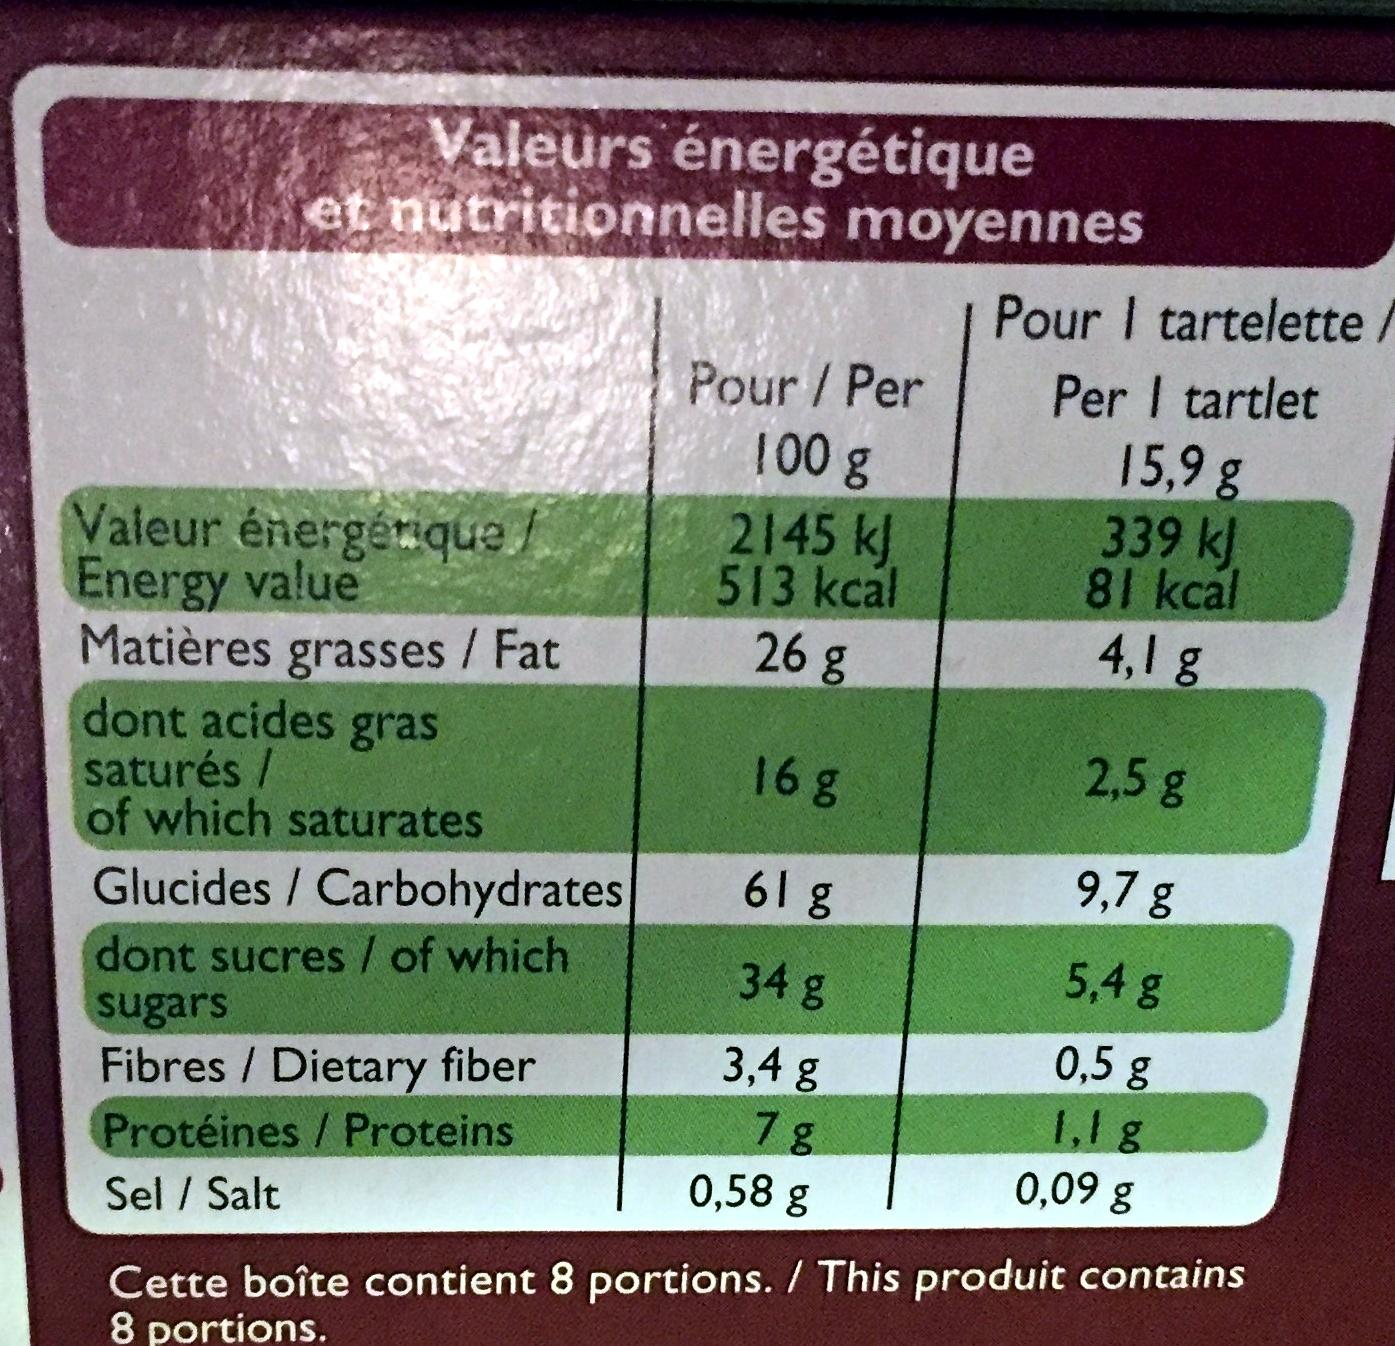 Tartelettes chocolat noisettes - Voedigswaarden